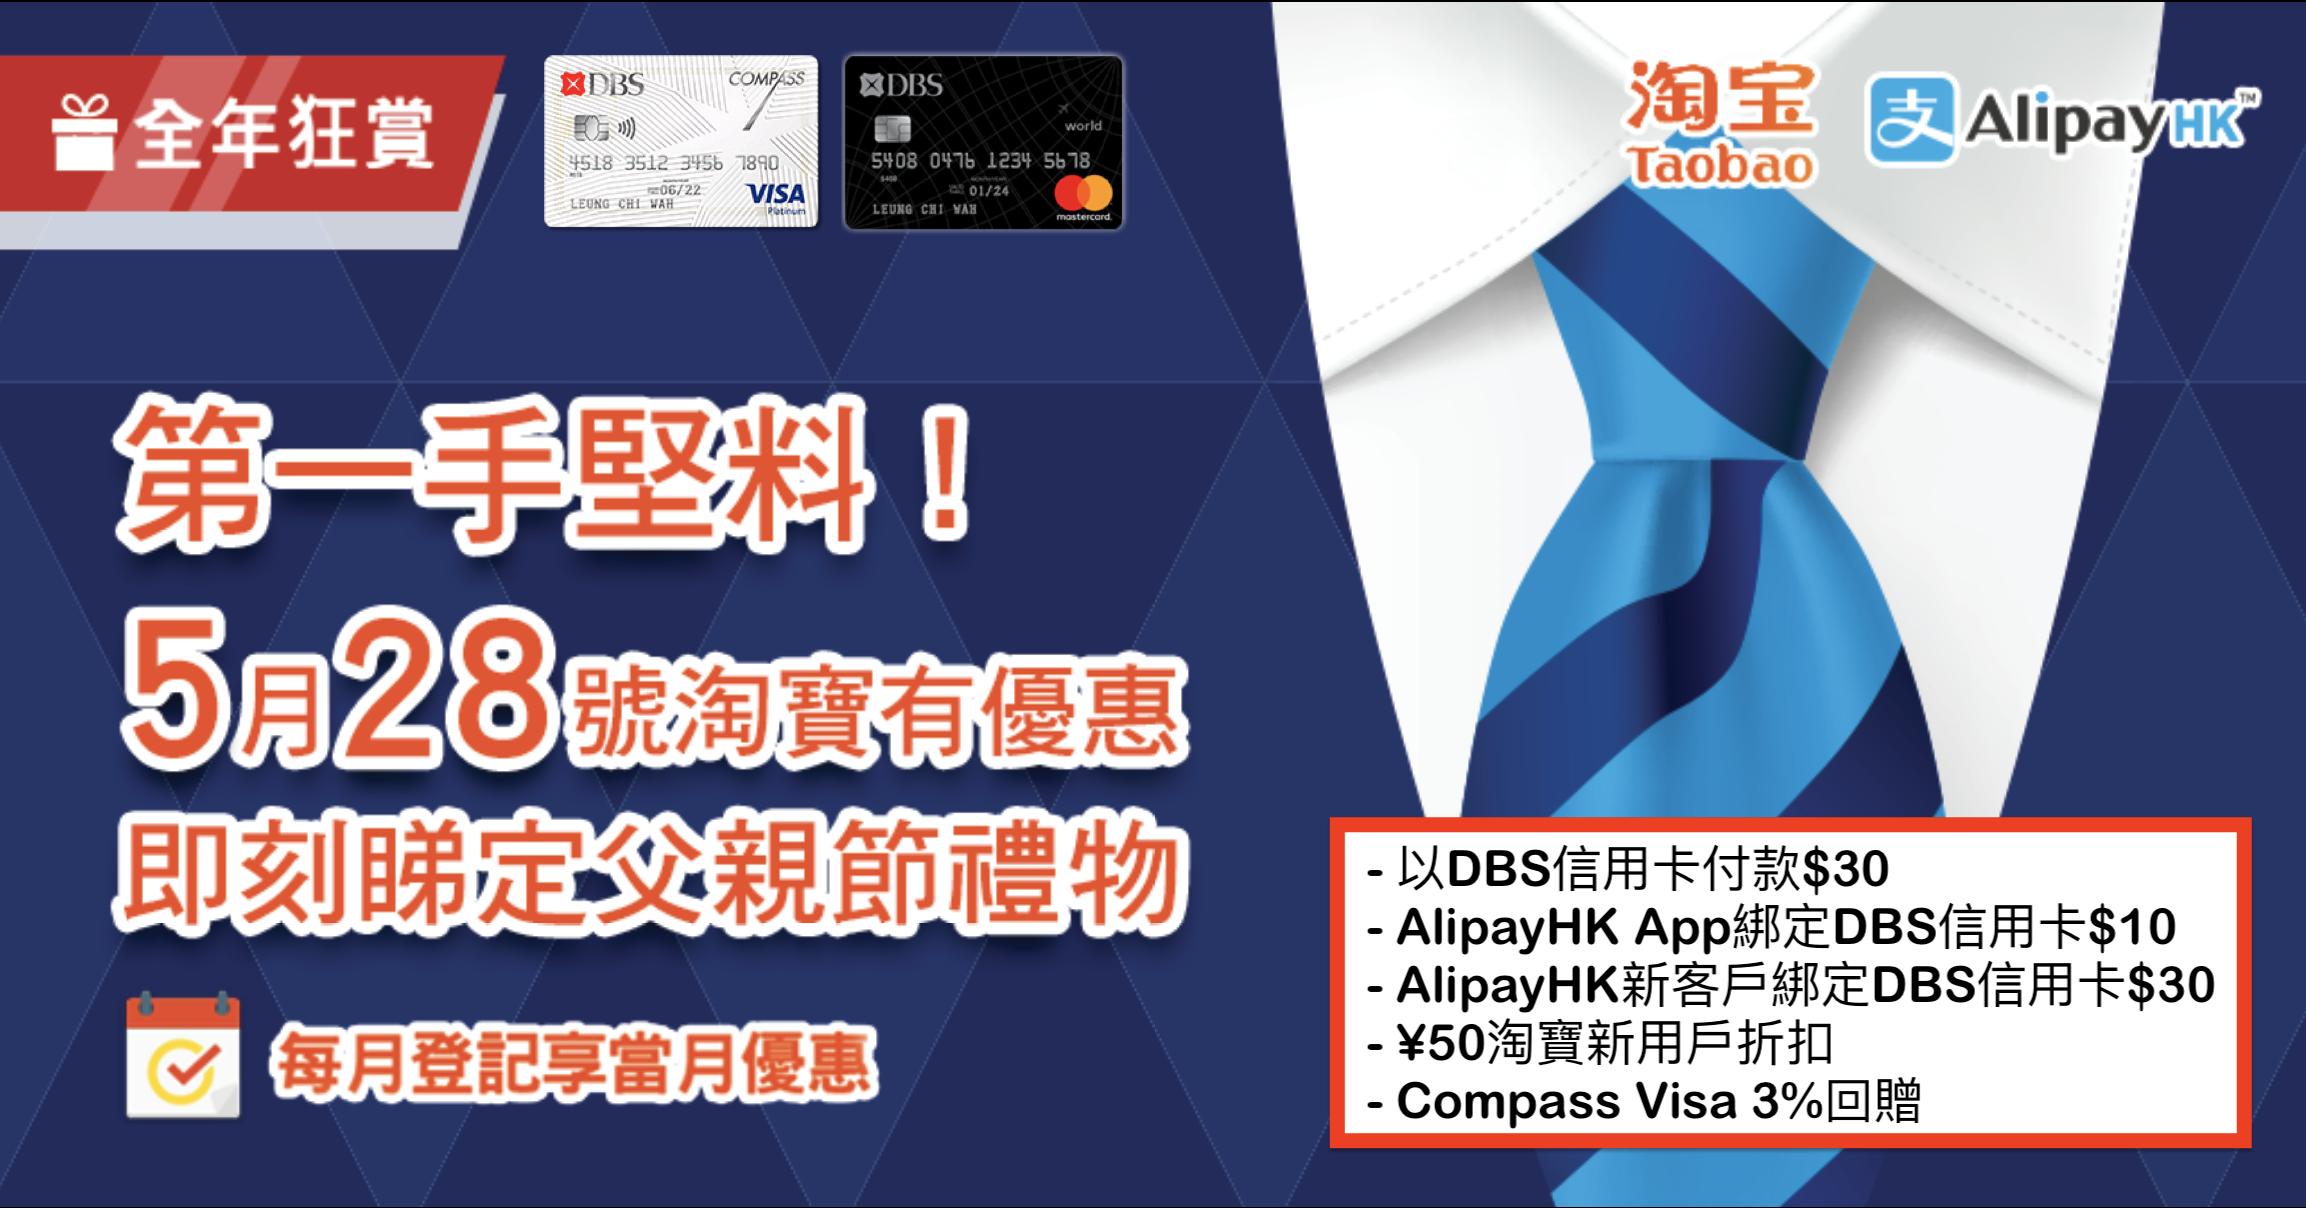 DBS信用卡會員淘寶日!高達HK$60折扣及¥20淘寶用戶折扣 + Compass Visa 3%回贈